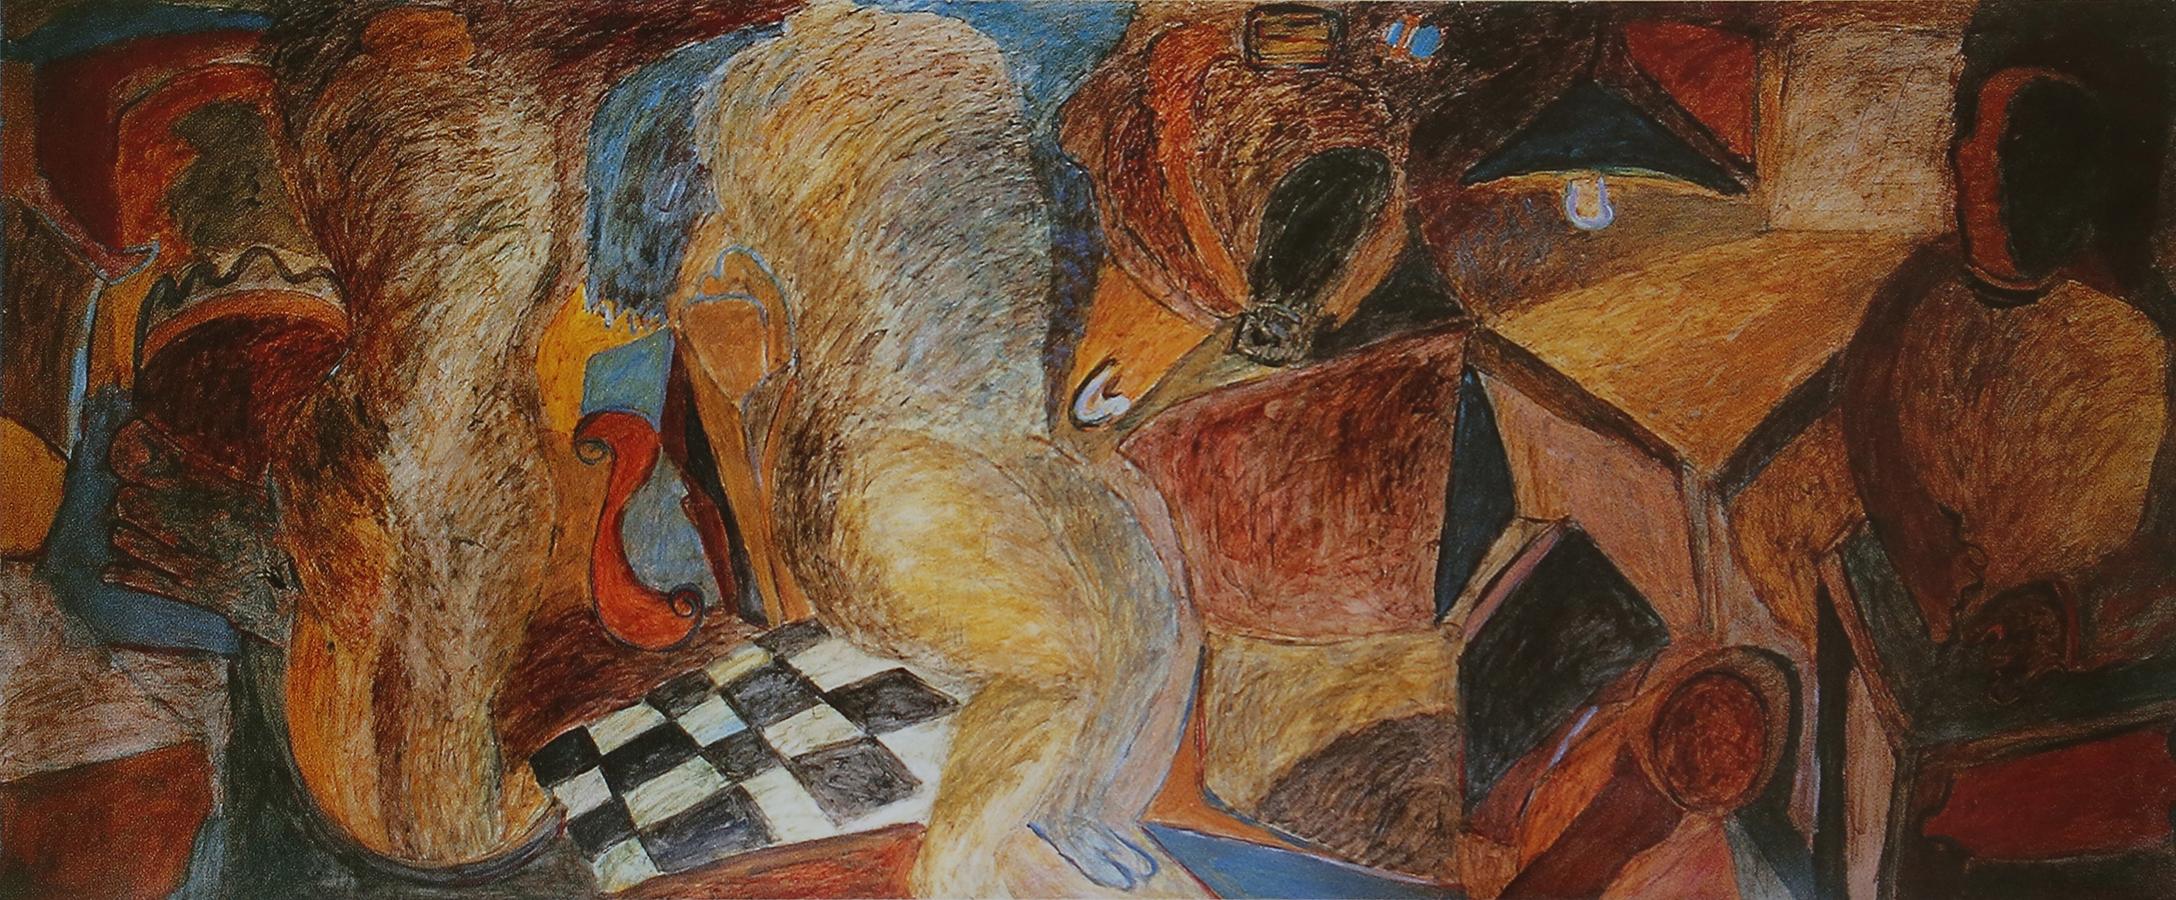 Odalisque 1973 huile/papier marouflé sur toile 170 x 410 cm